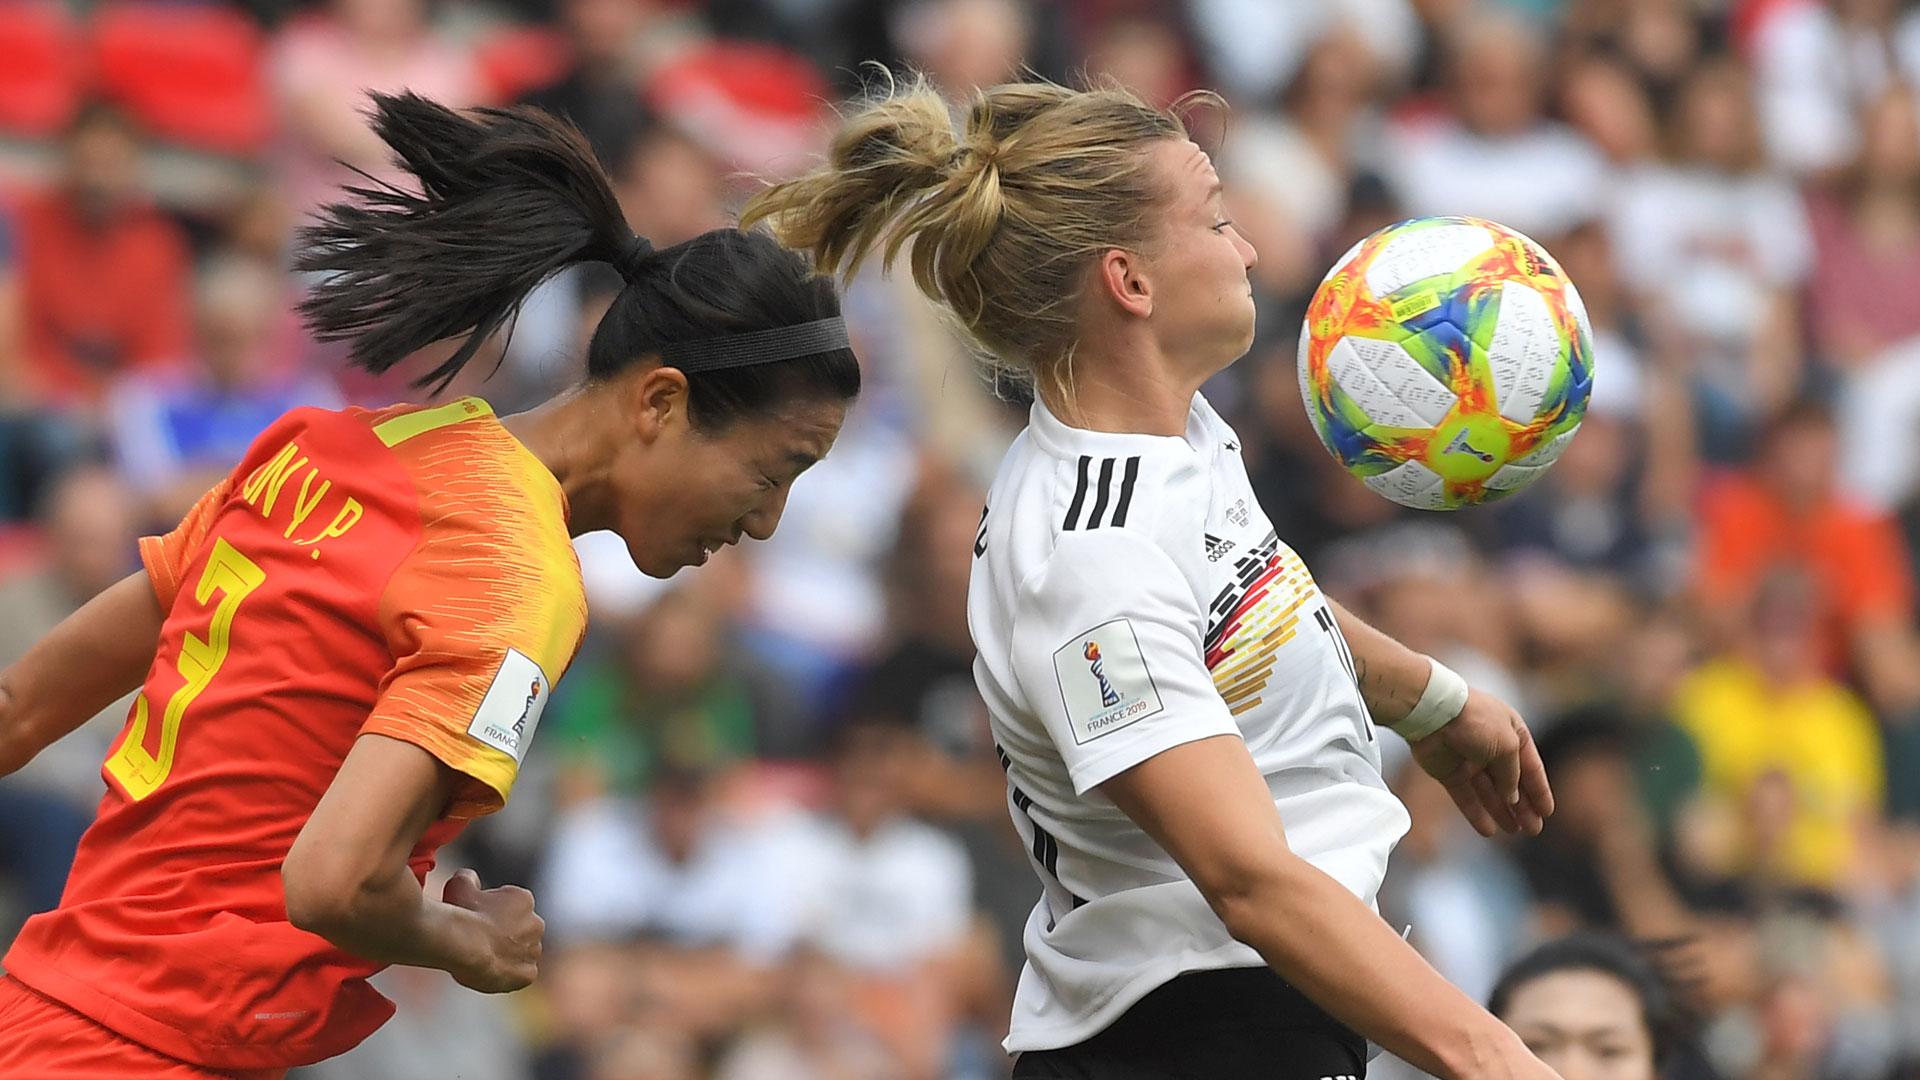 Spanien Vs Tschechien Frauen